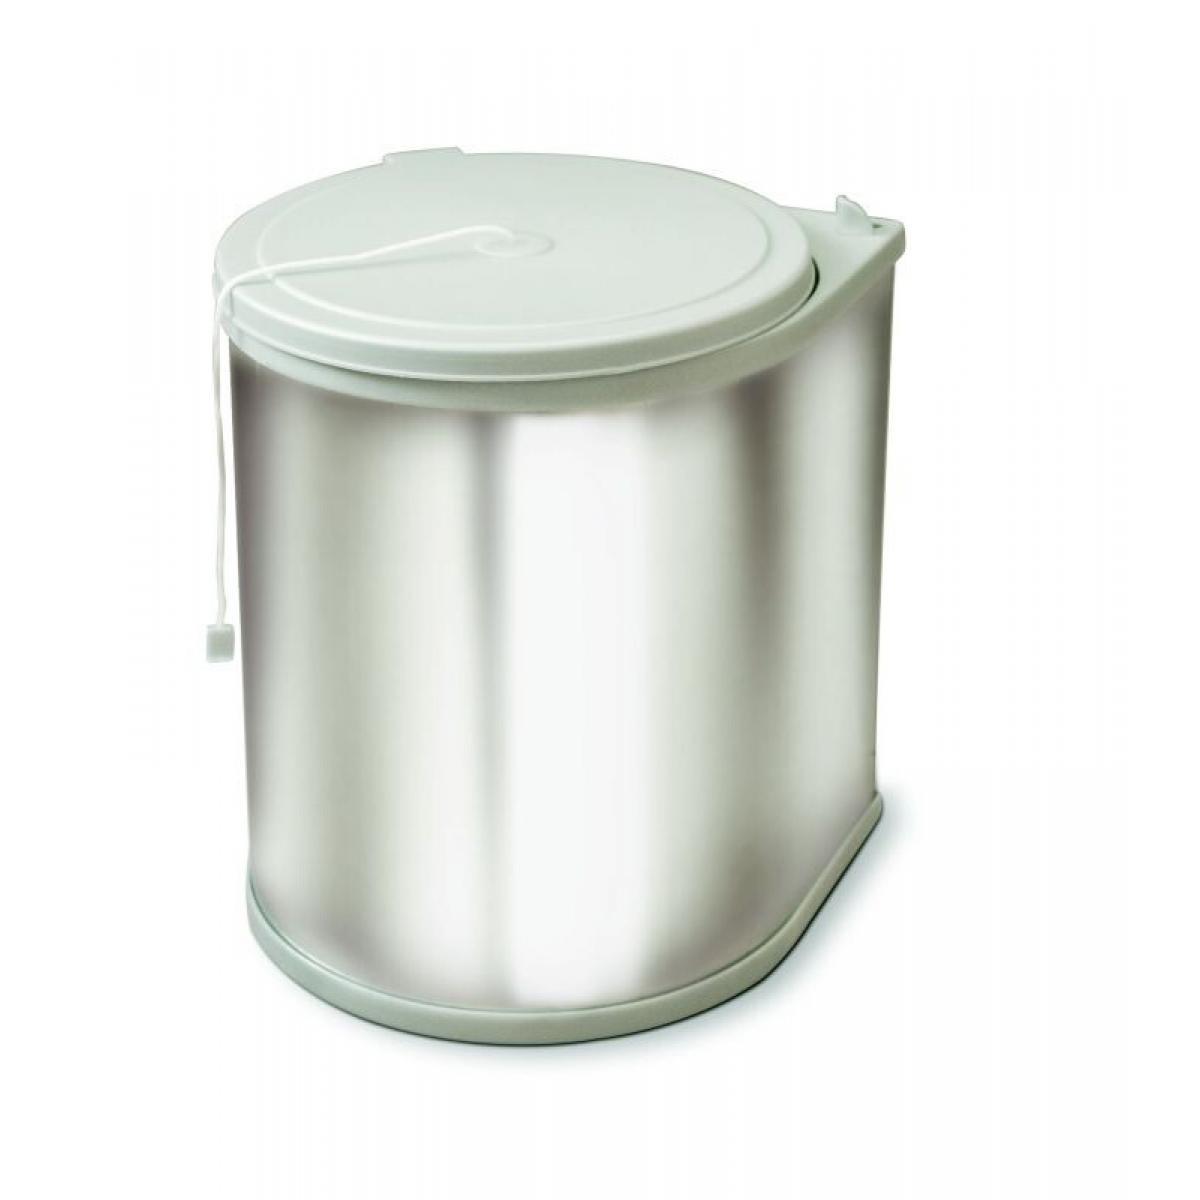 Ведро Clean Bin, 13л, пластик/нерж.сталь, цвет: серый